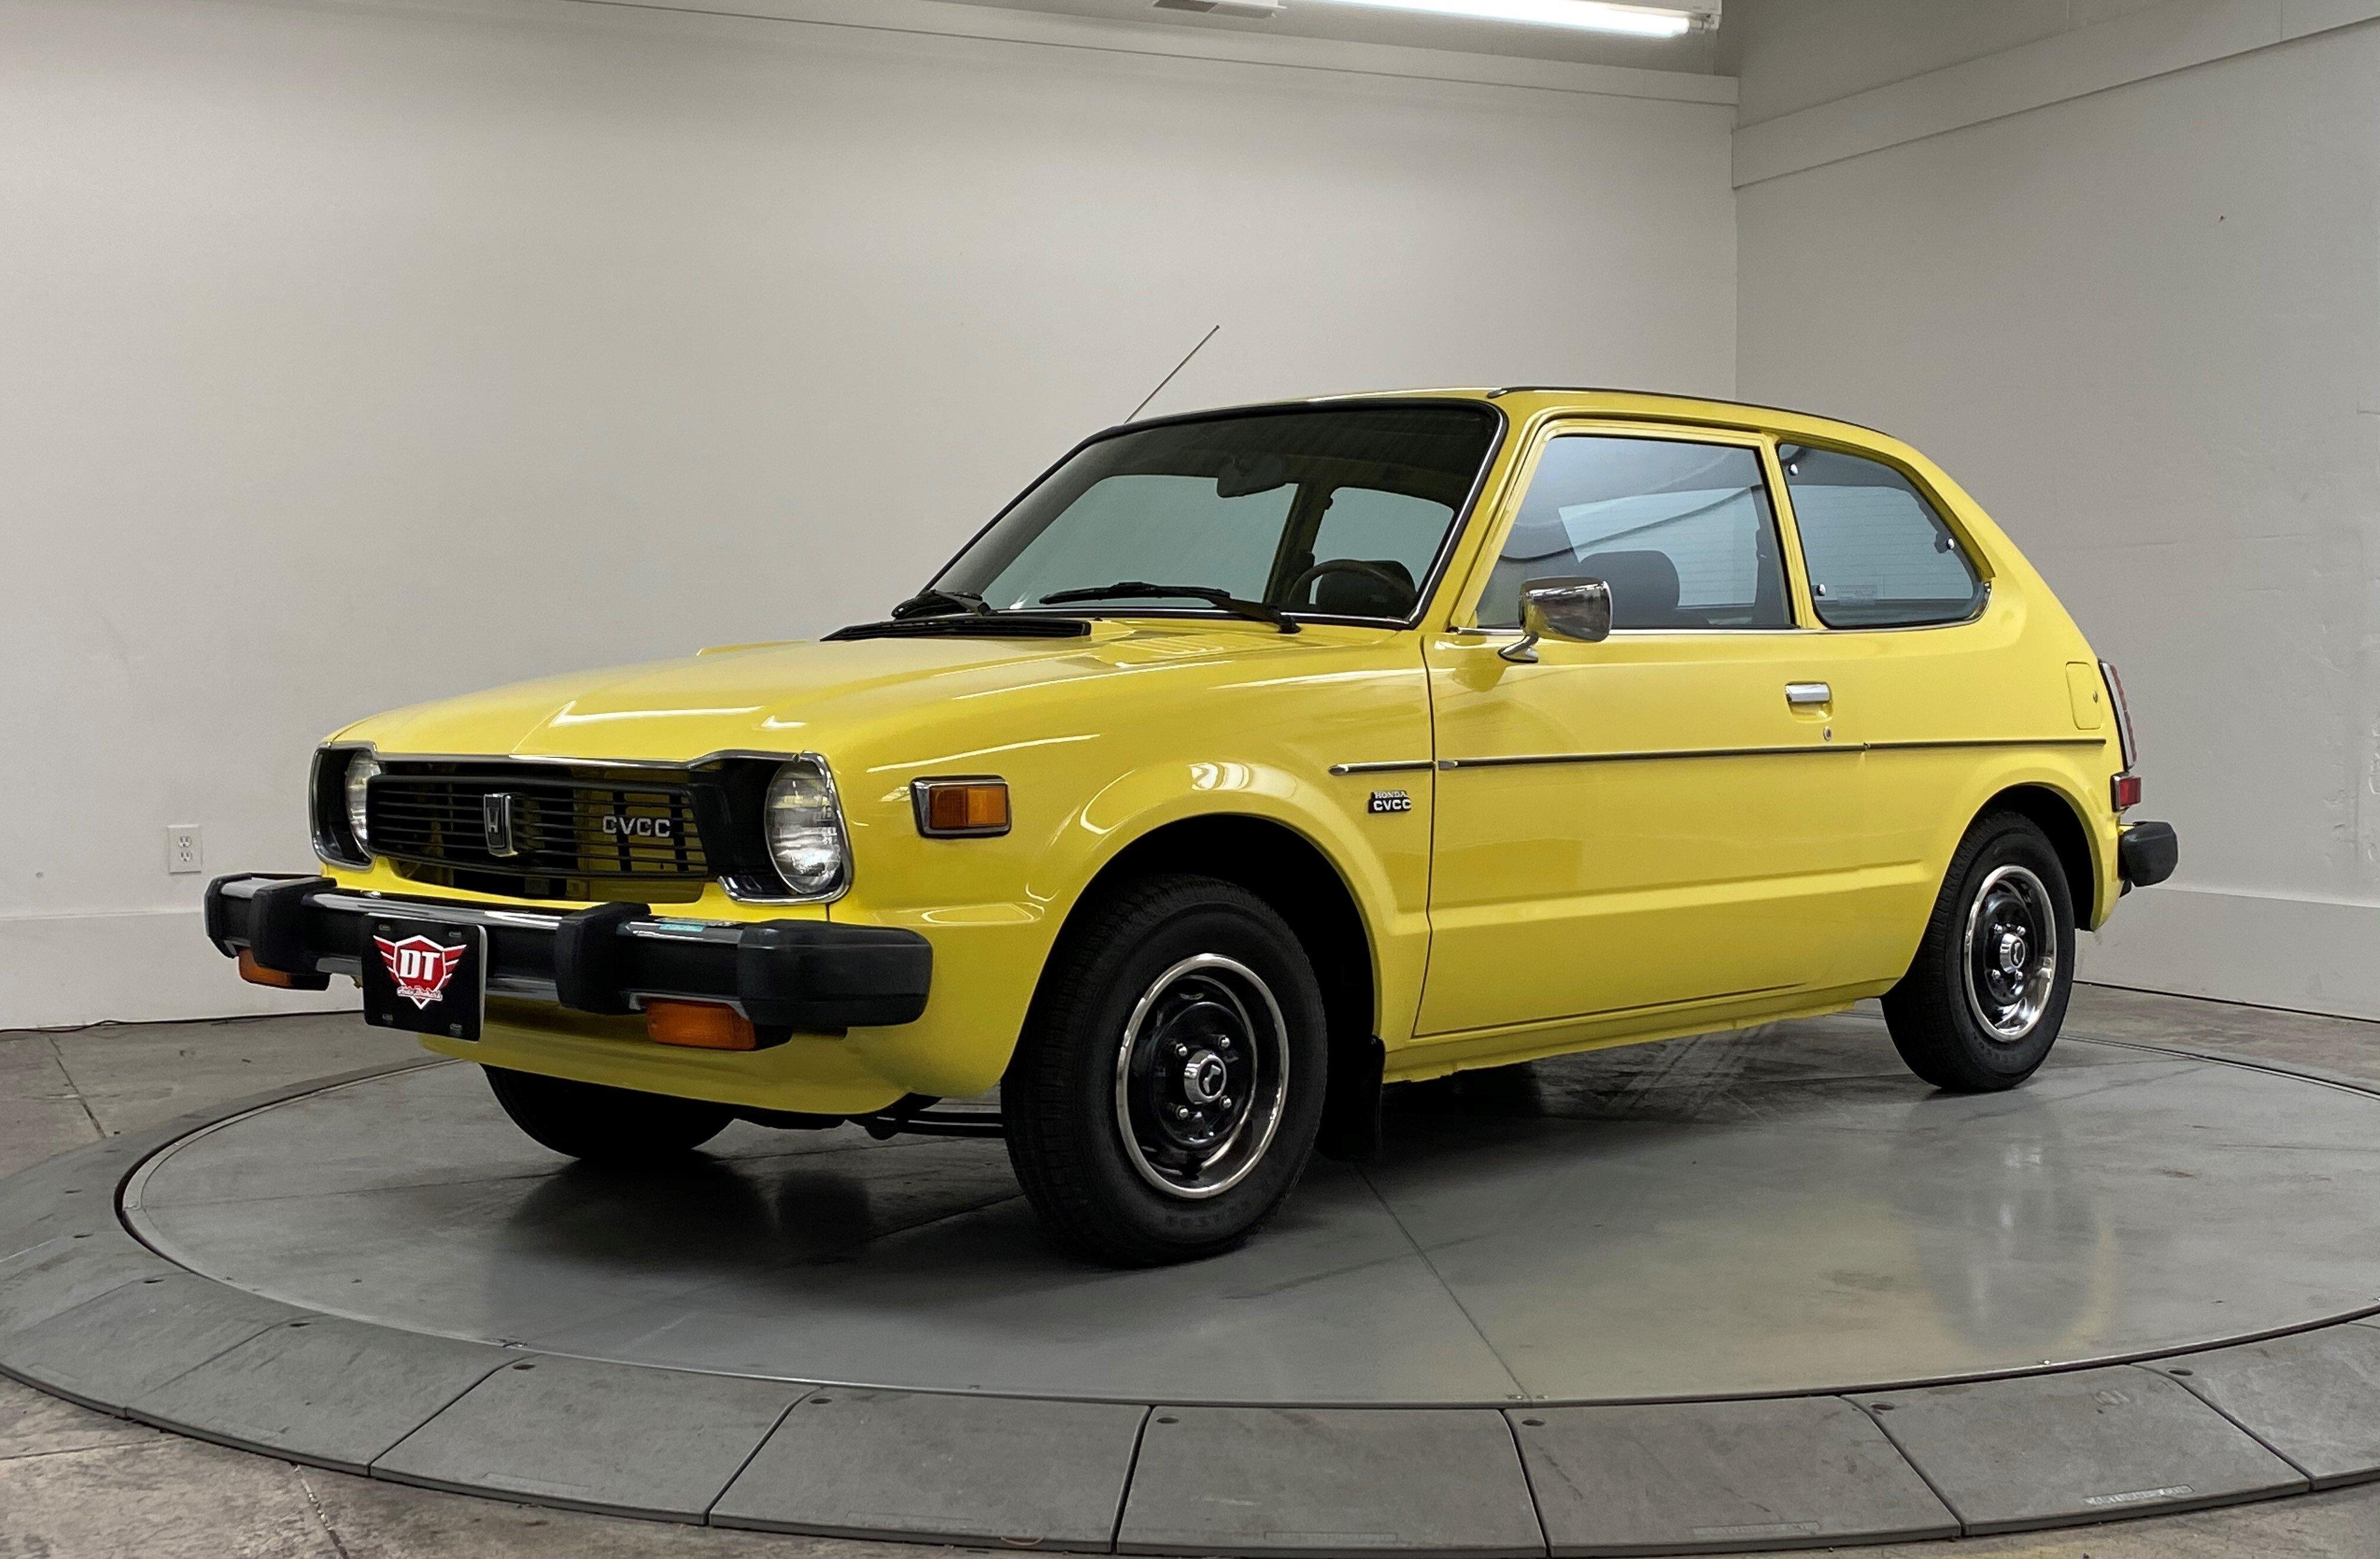 Kelebihan Kekurangan Honda Civic 1978 Murah Berkualitas